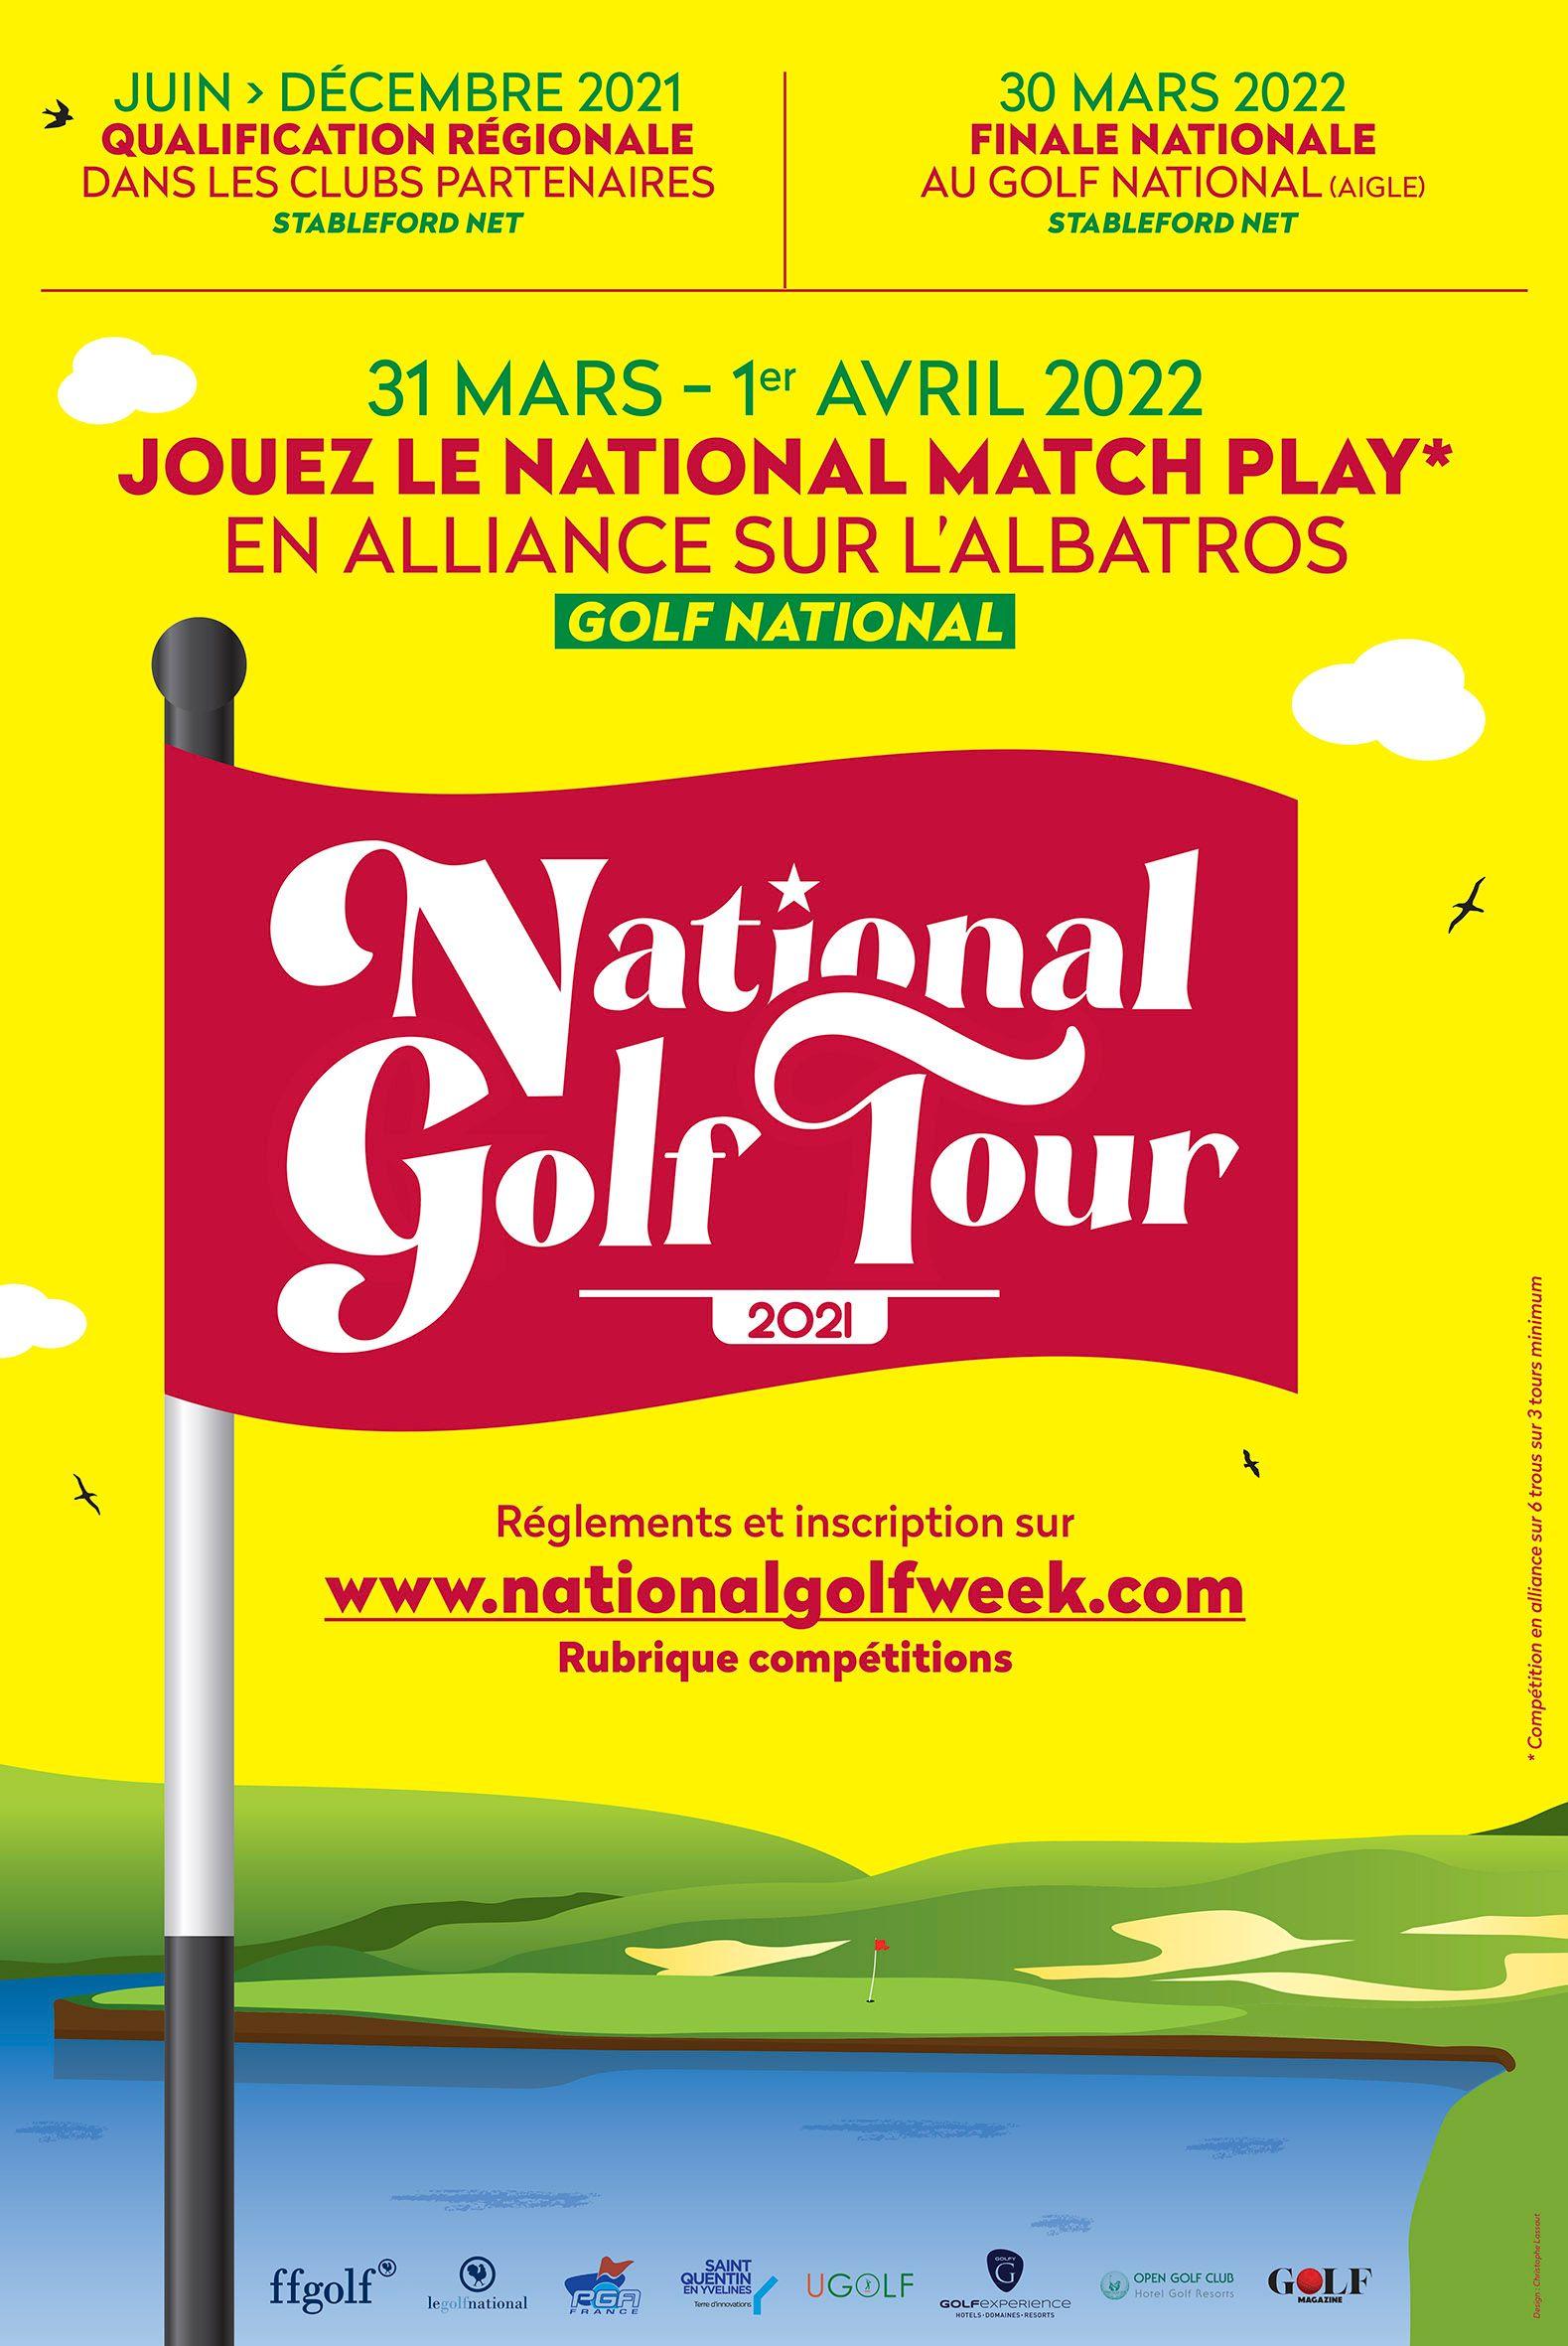 National Golf Tour